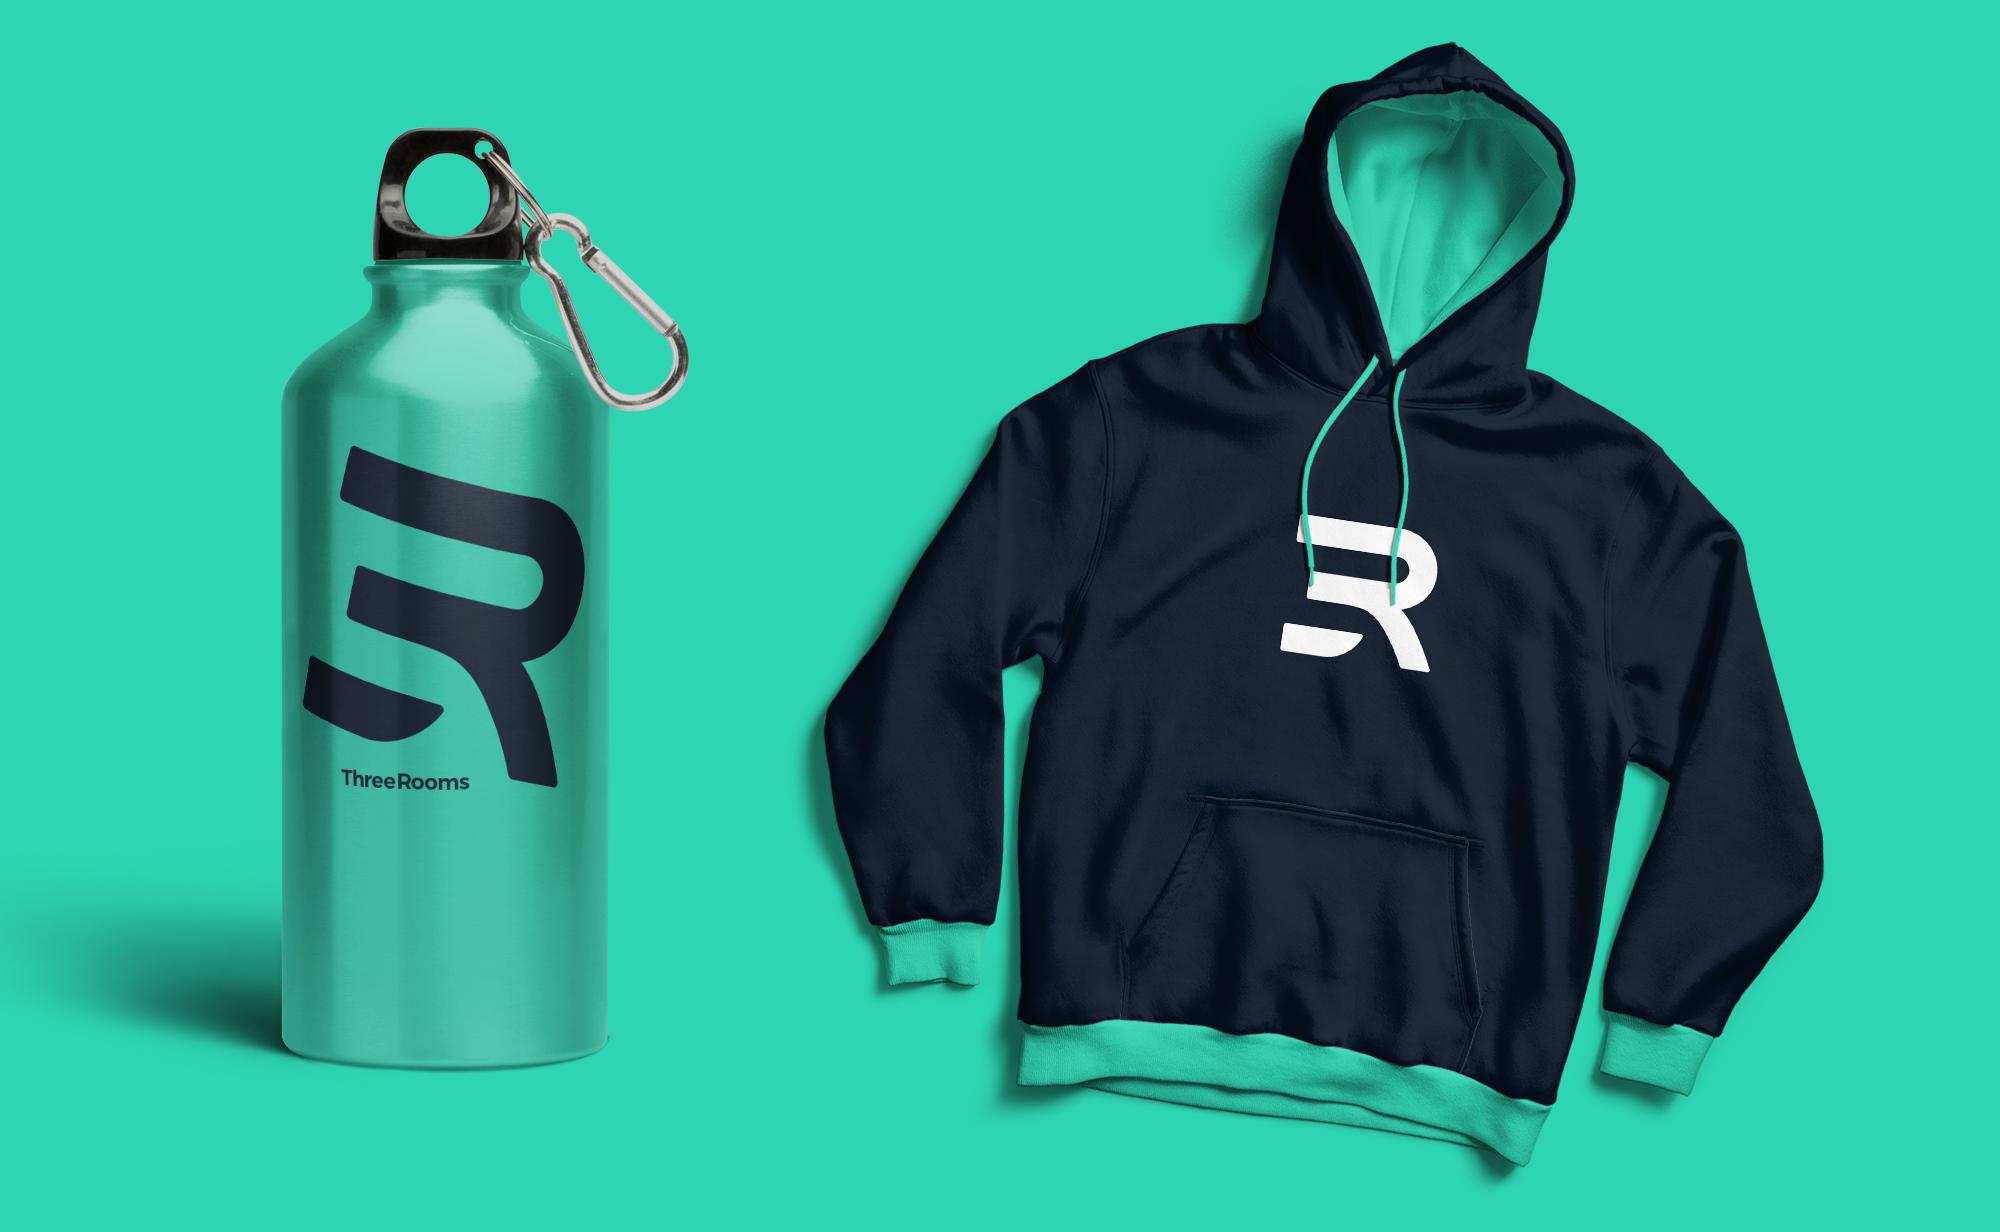 3R-Enhanced-Brand-Water-Bottle-Hoodie